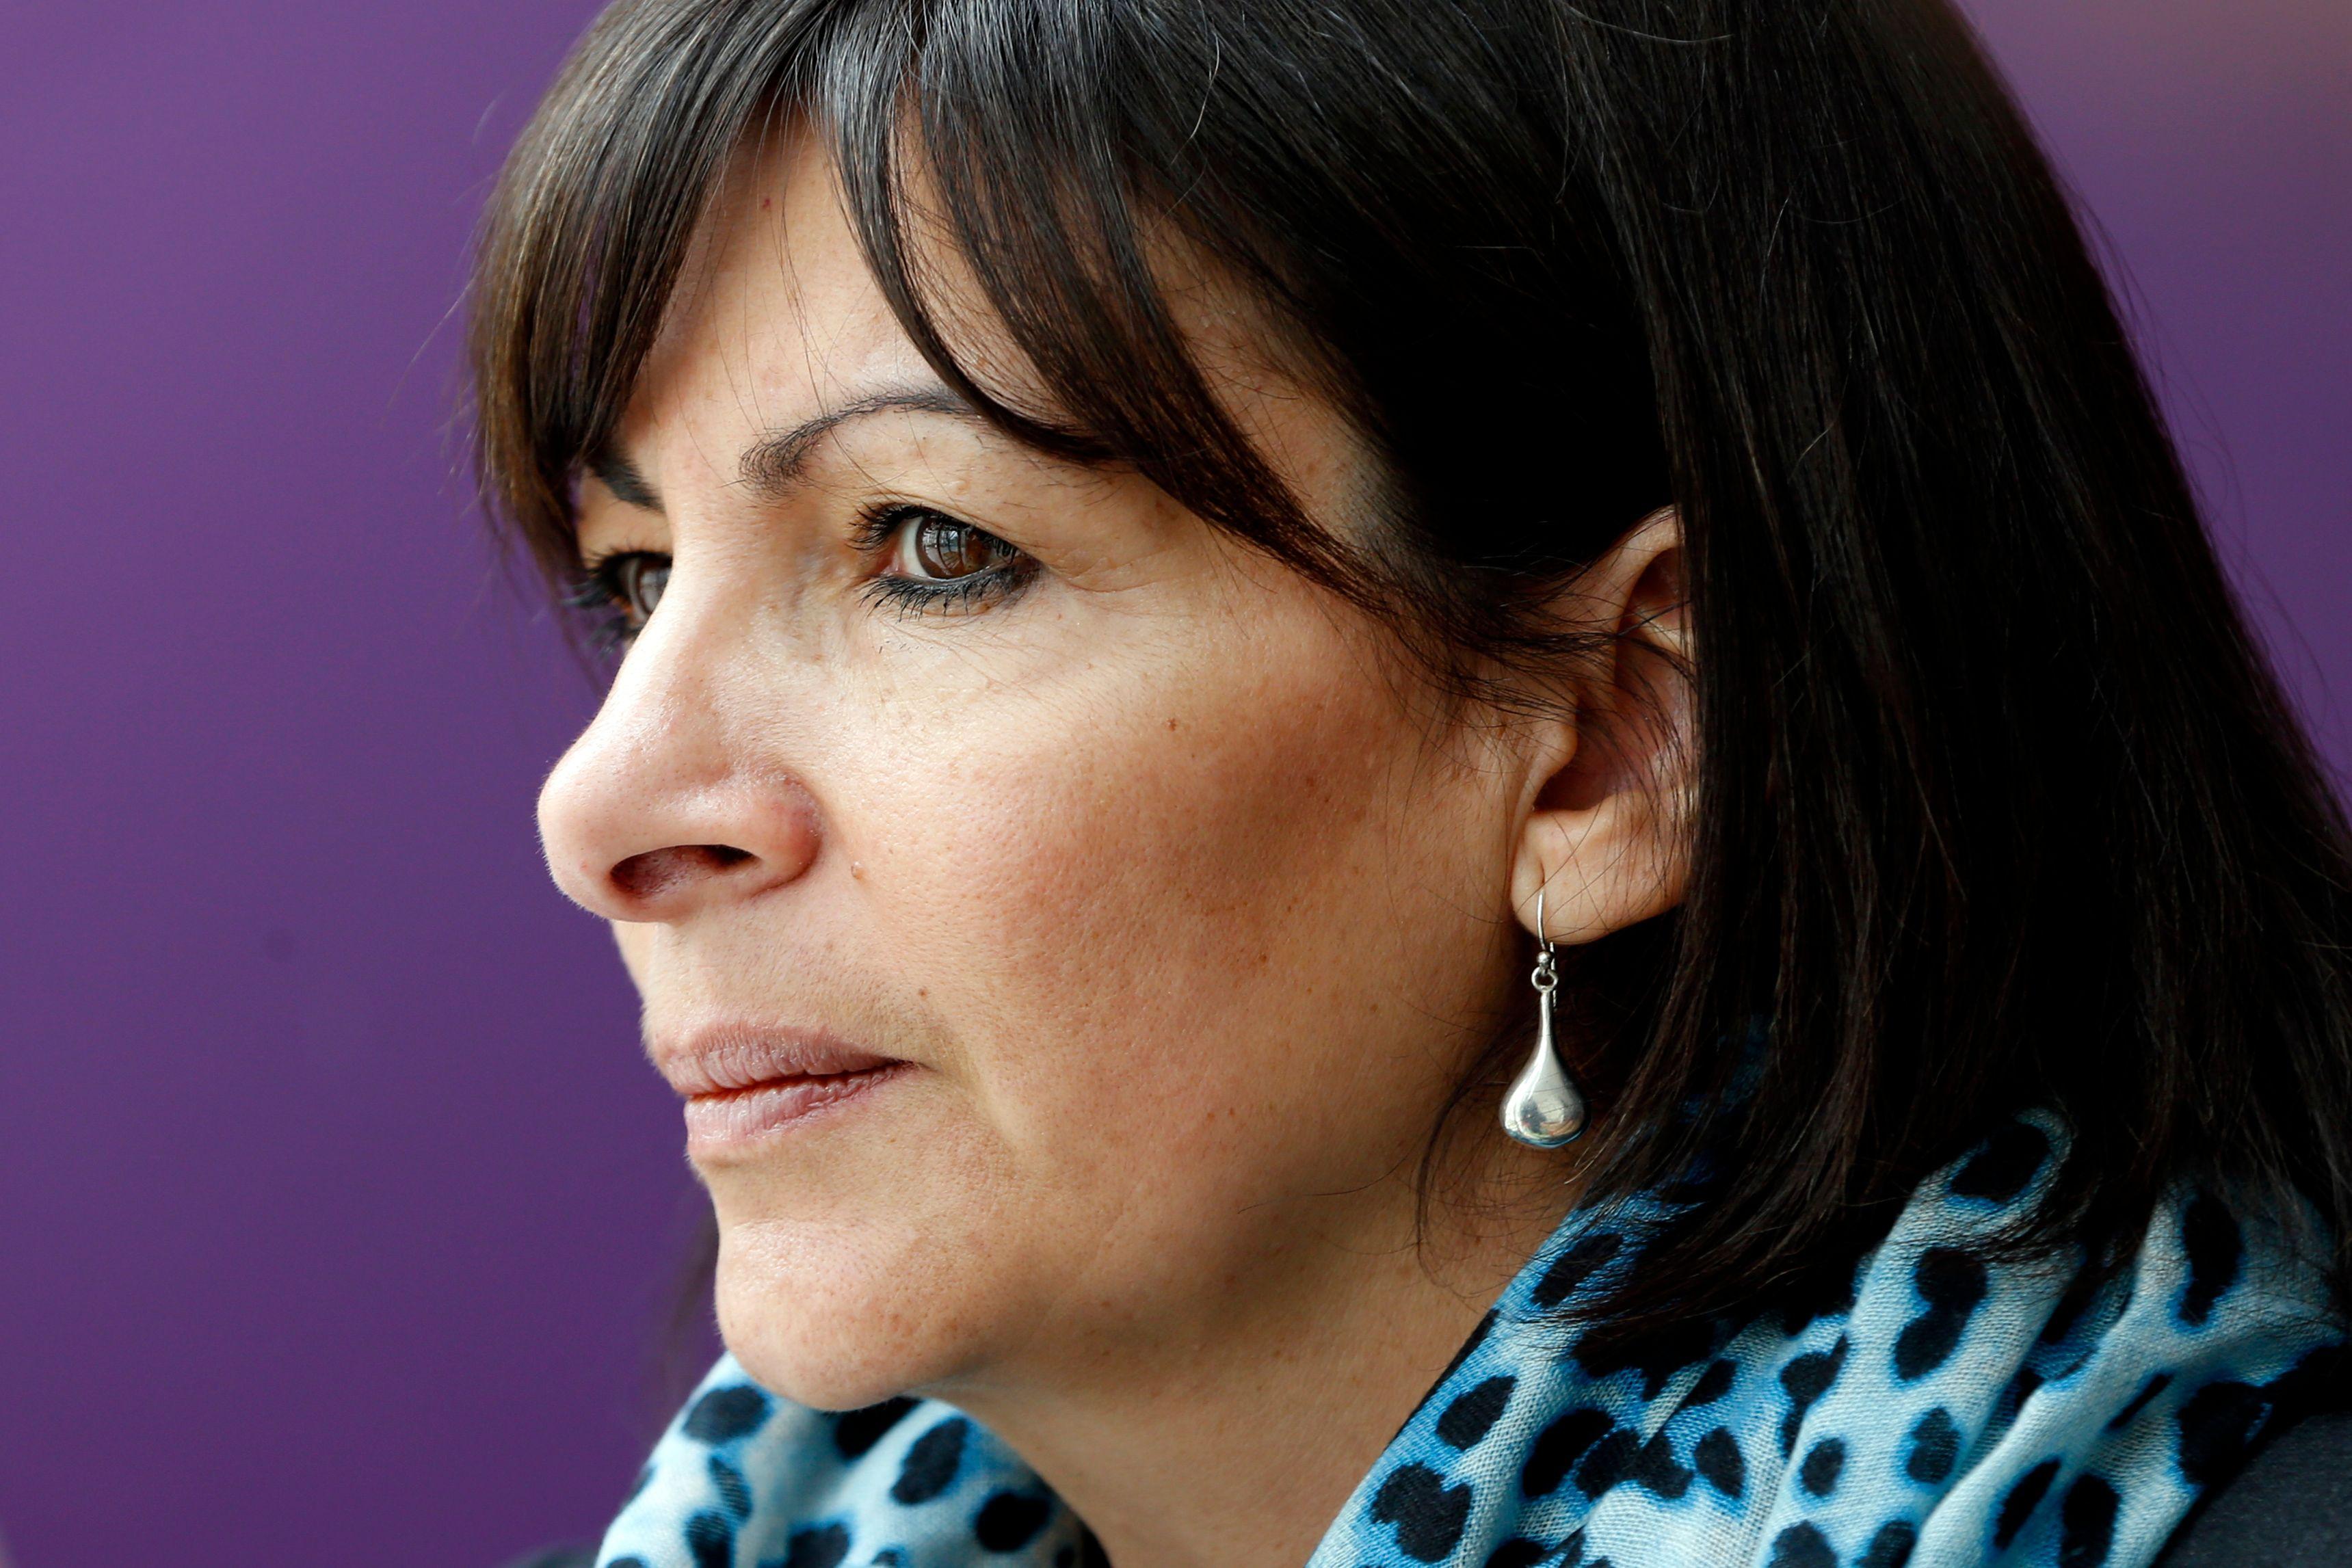 Mesures antipollution : Anne Hidalgo lance la première journée sans voiture à Paris